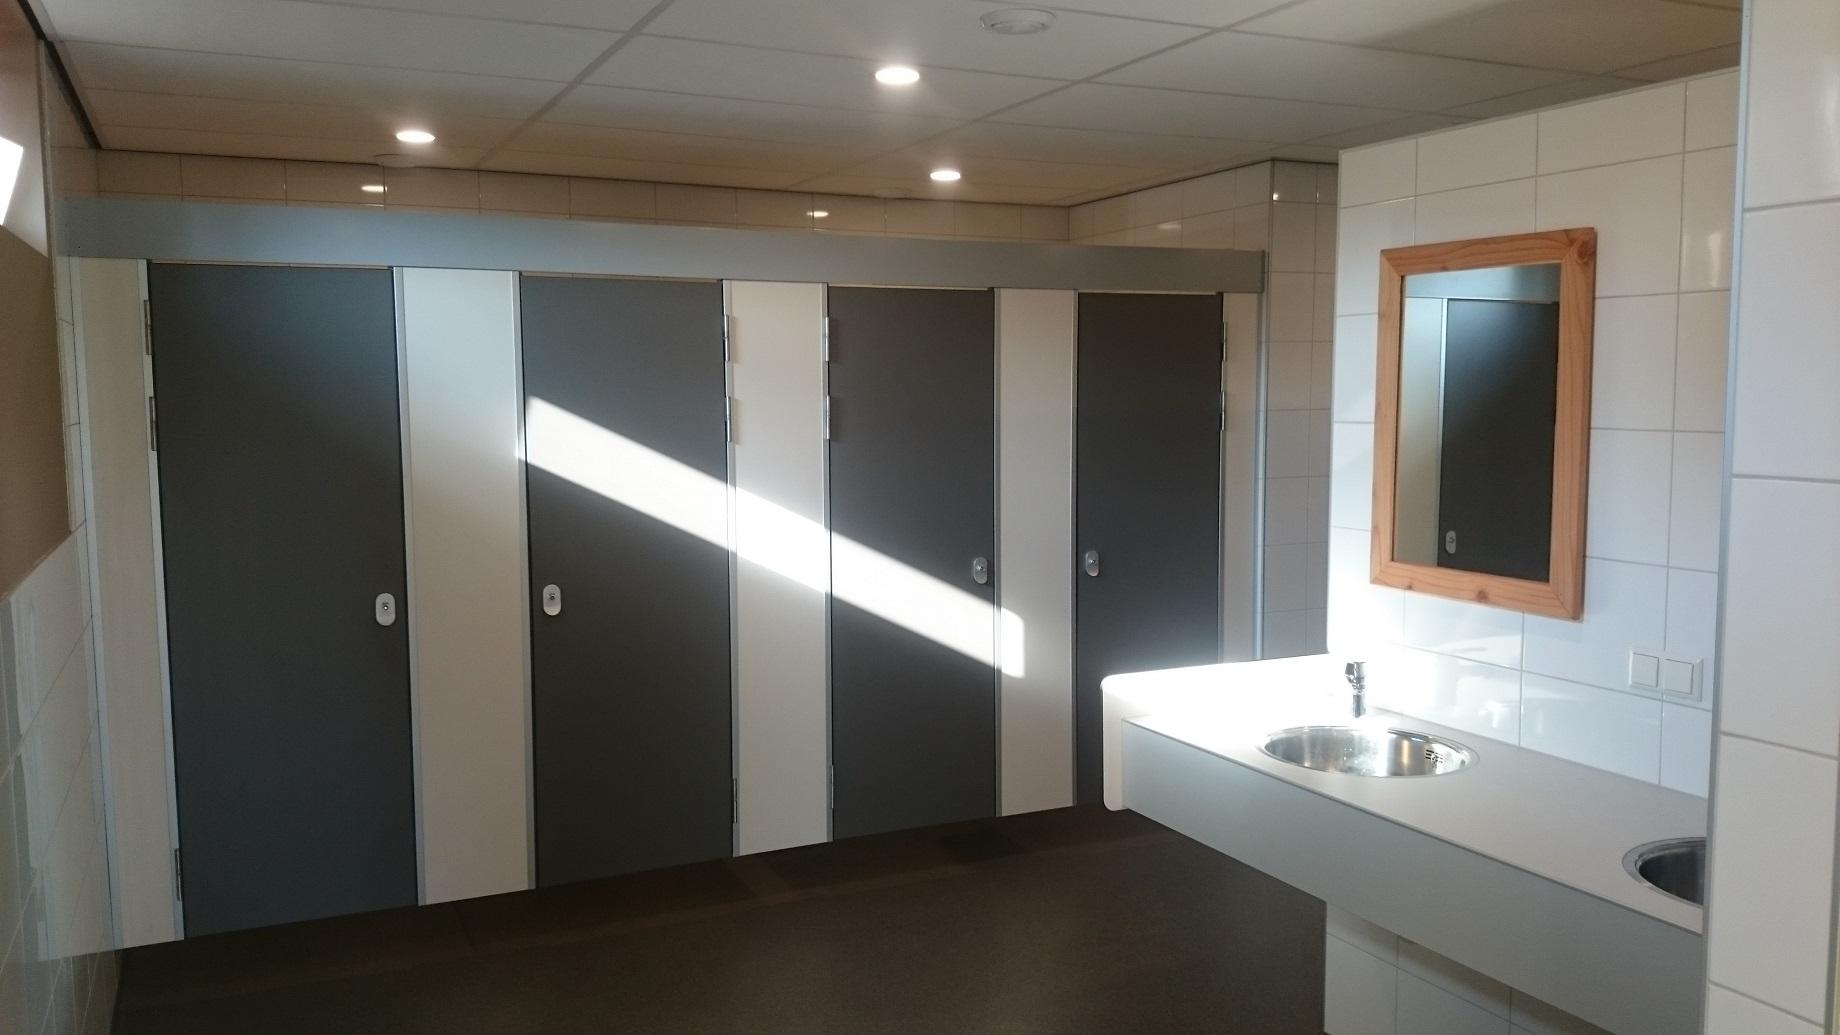 Hokjes om en om in het sanitair - schoonmaak en afstand in het sanitair